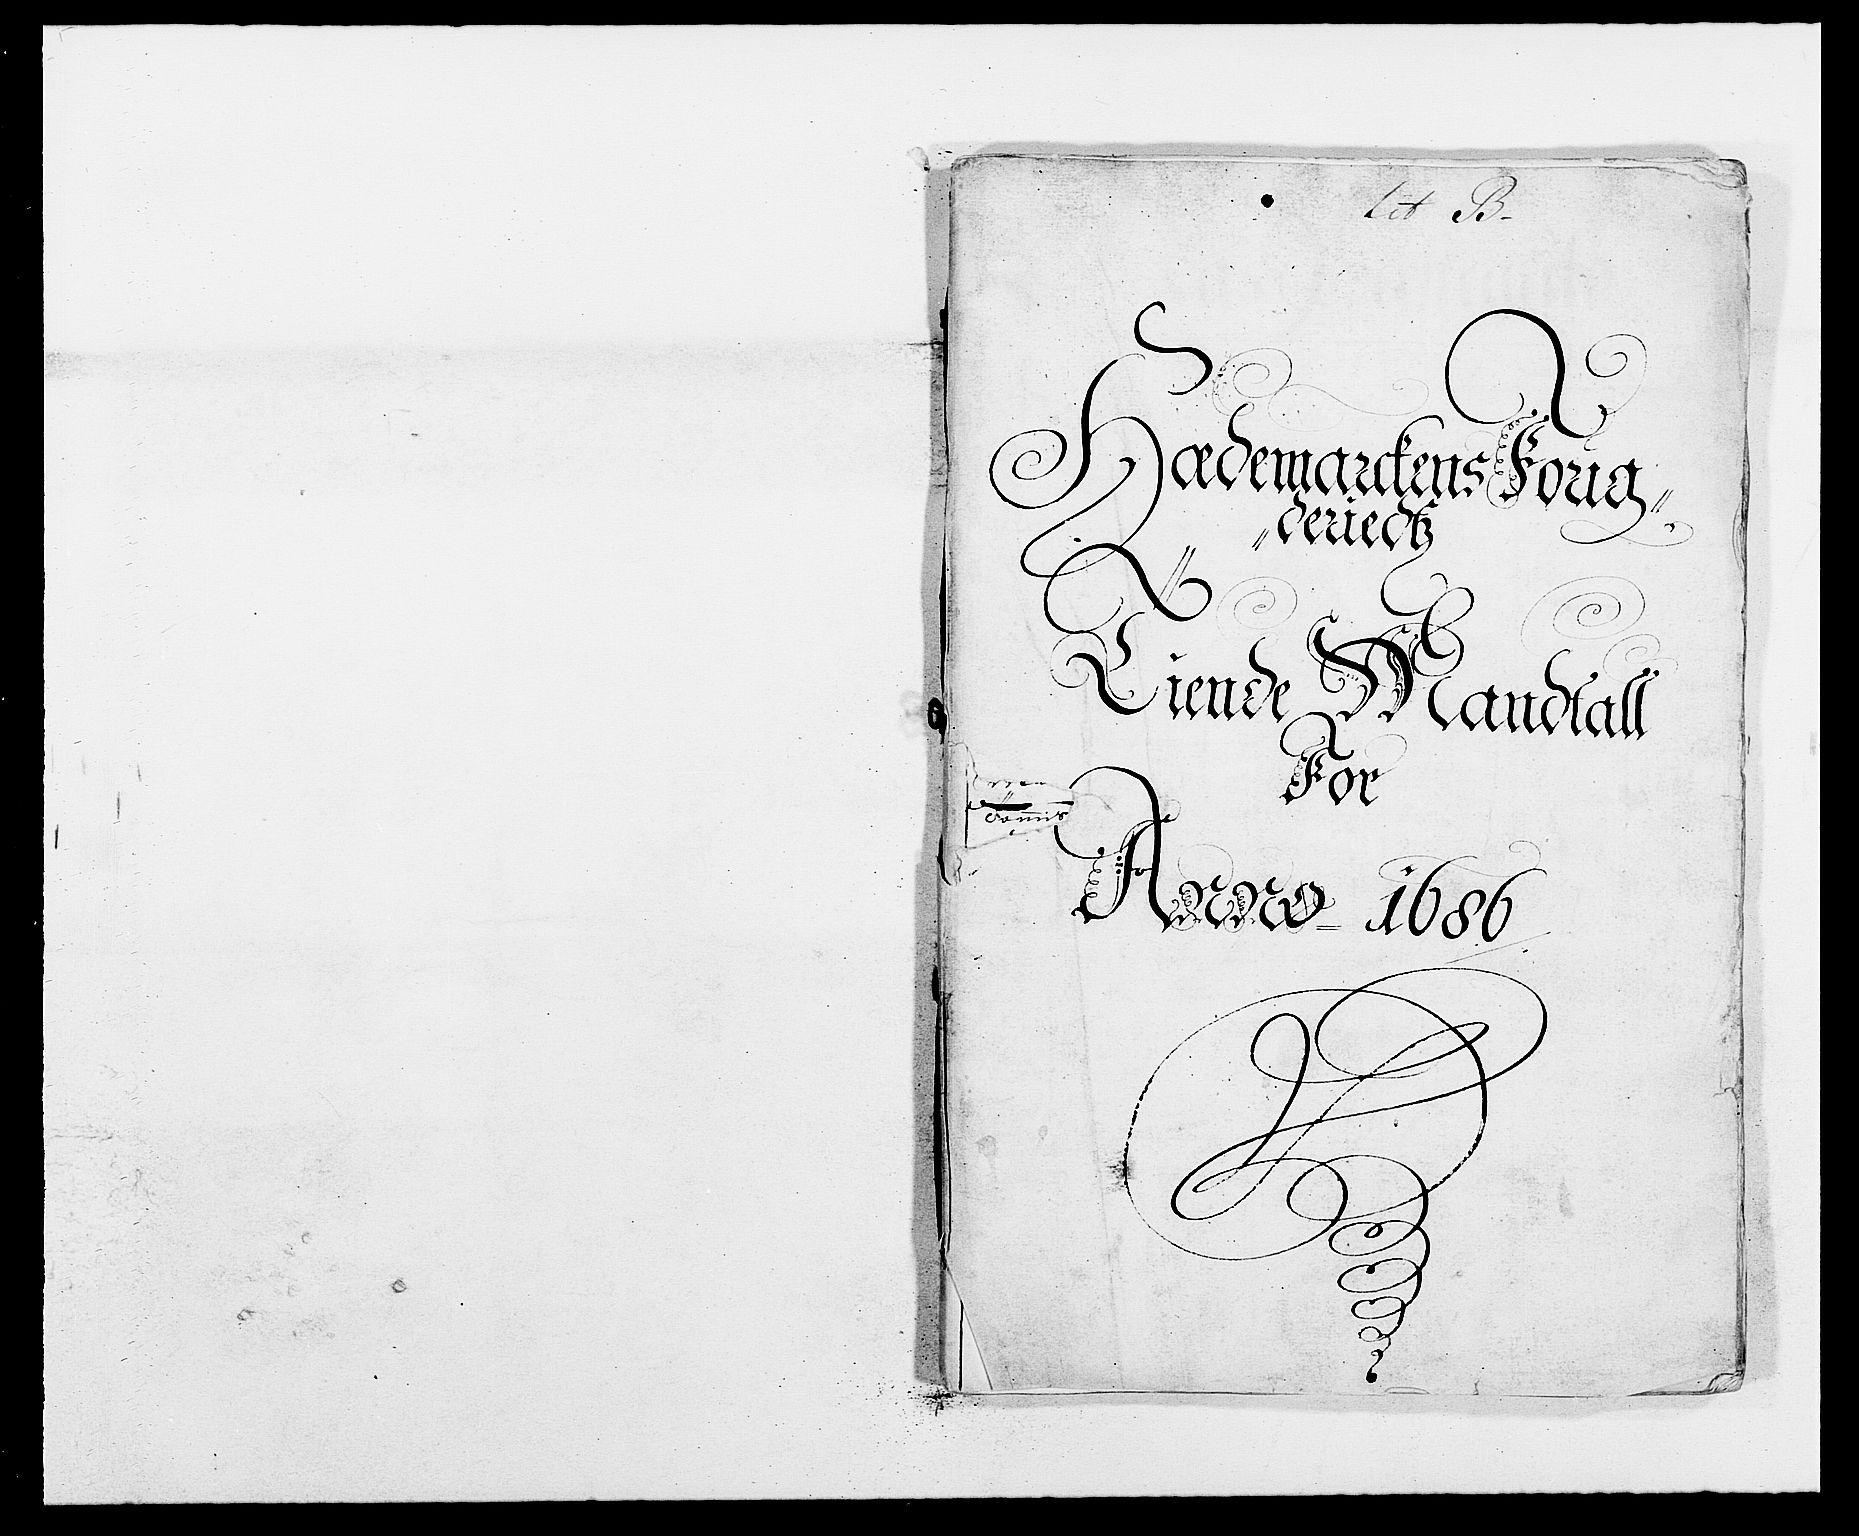 RA, Rentekammeret inntil 1814, Reviderte regnskaper, Fogderegnskap, R16/L1027: Fogderegnskap Hedmark, 1686, s. 217